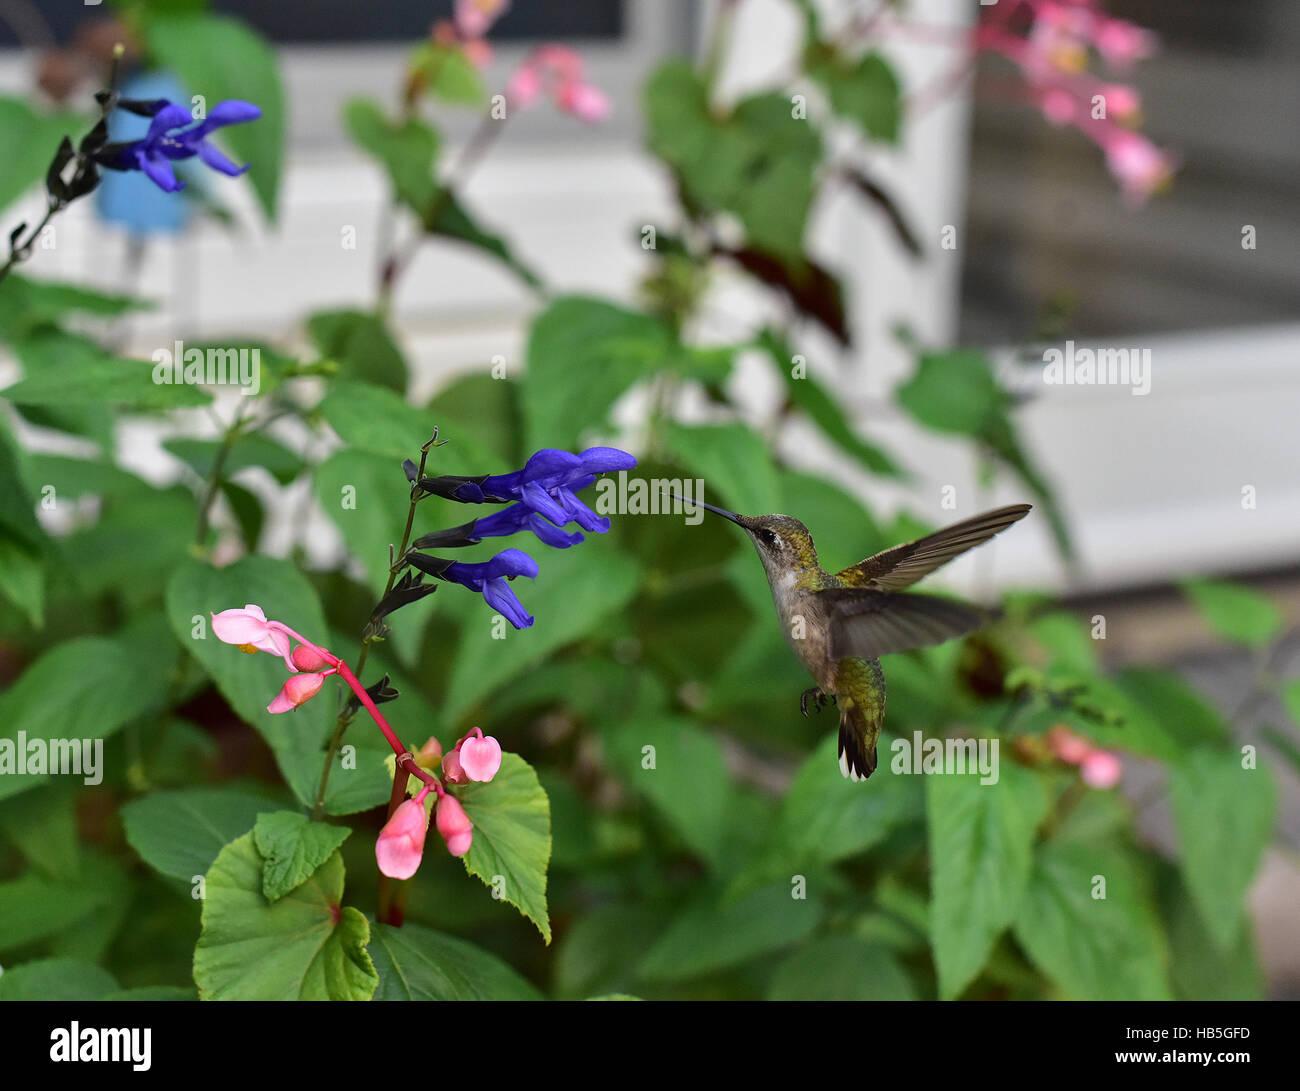 (Hummingbird Archilochus colubris) planant à inspecter une fleur sur un arbre aux papillons (Asclepias syriaca) avant de recueillir son nectar. Banque D'Images